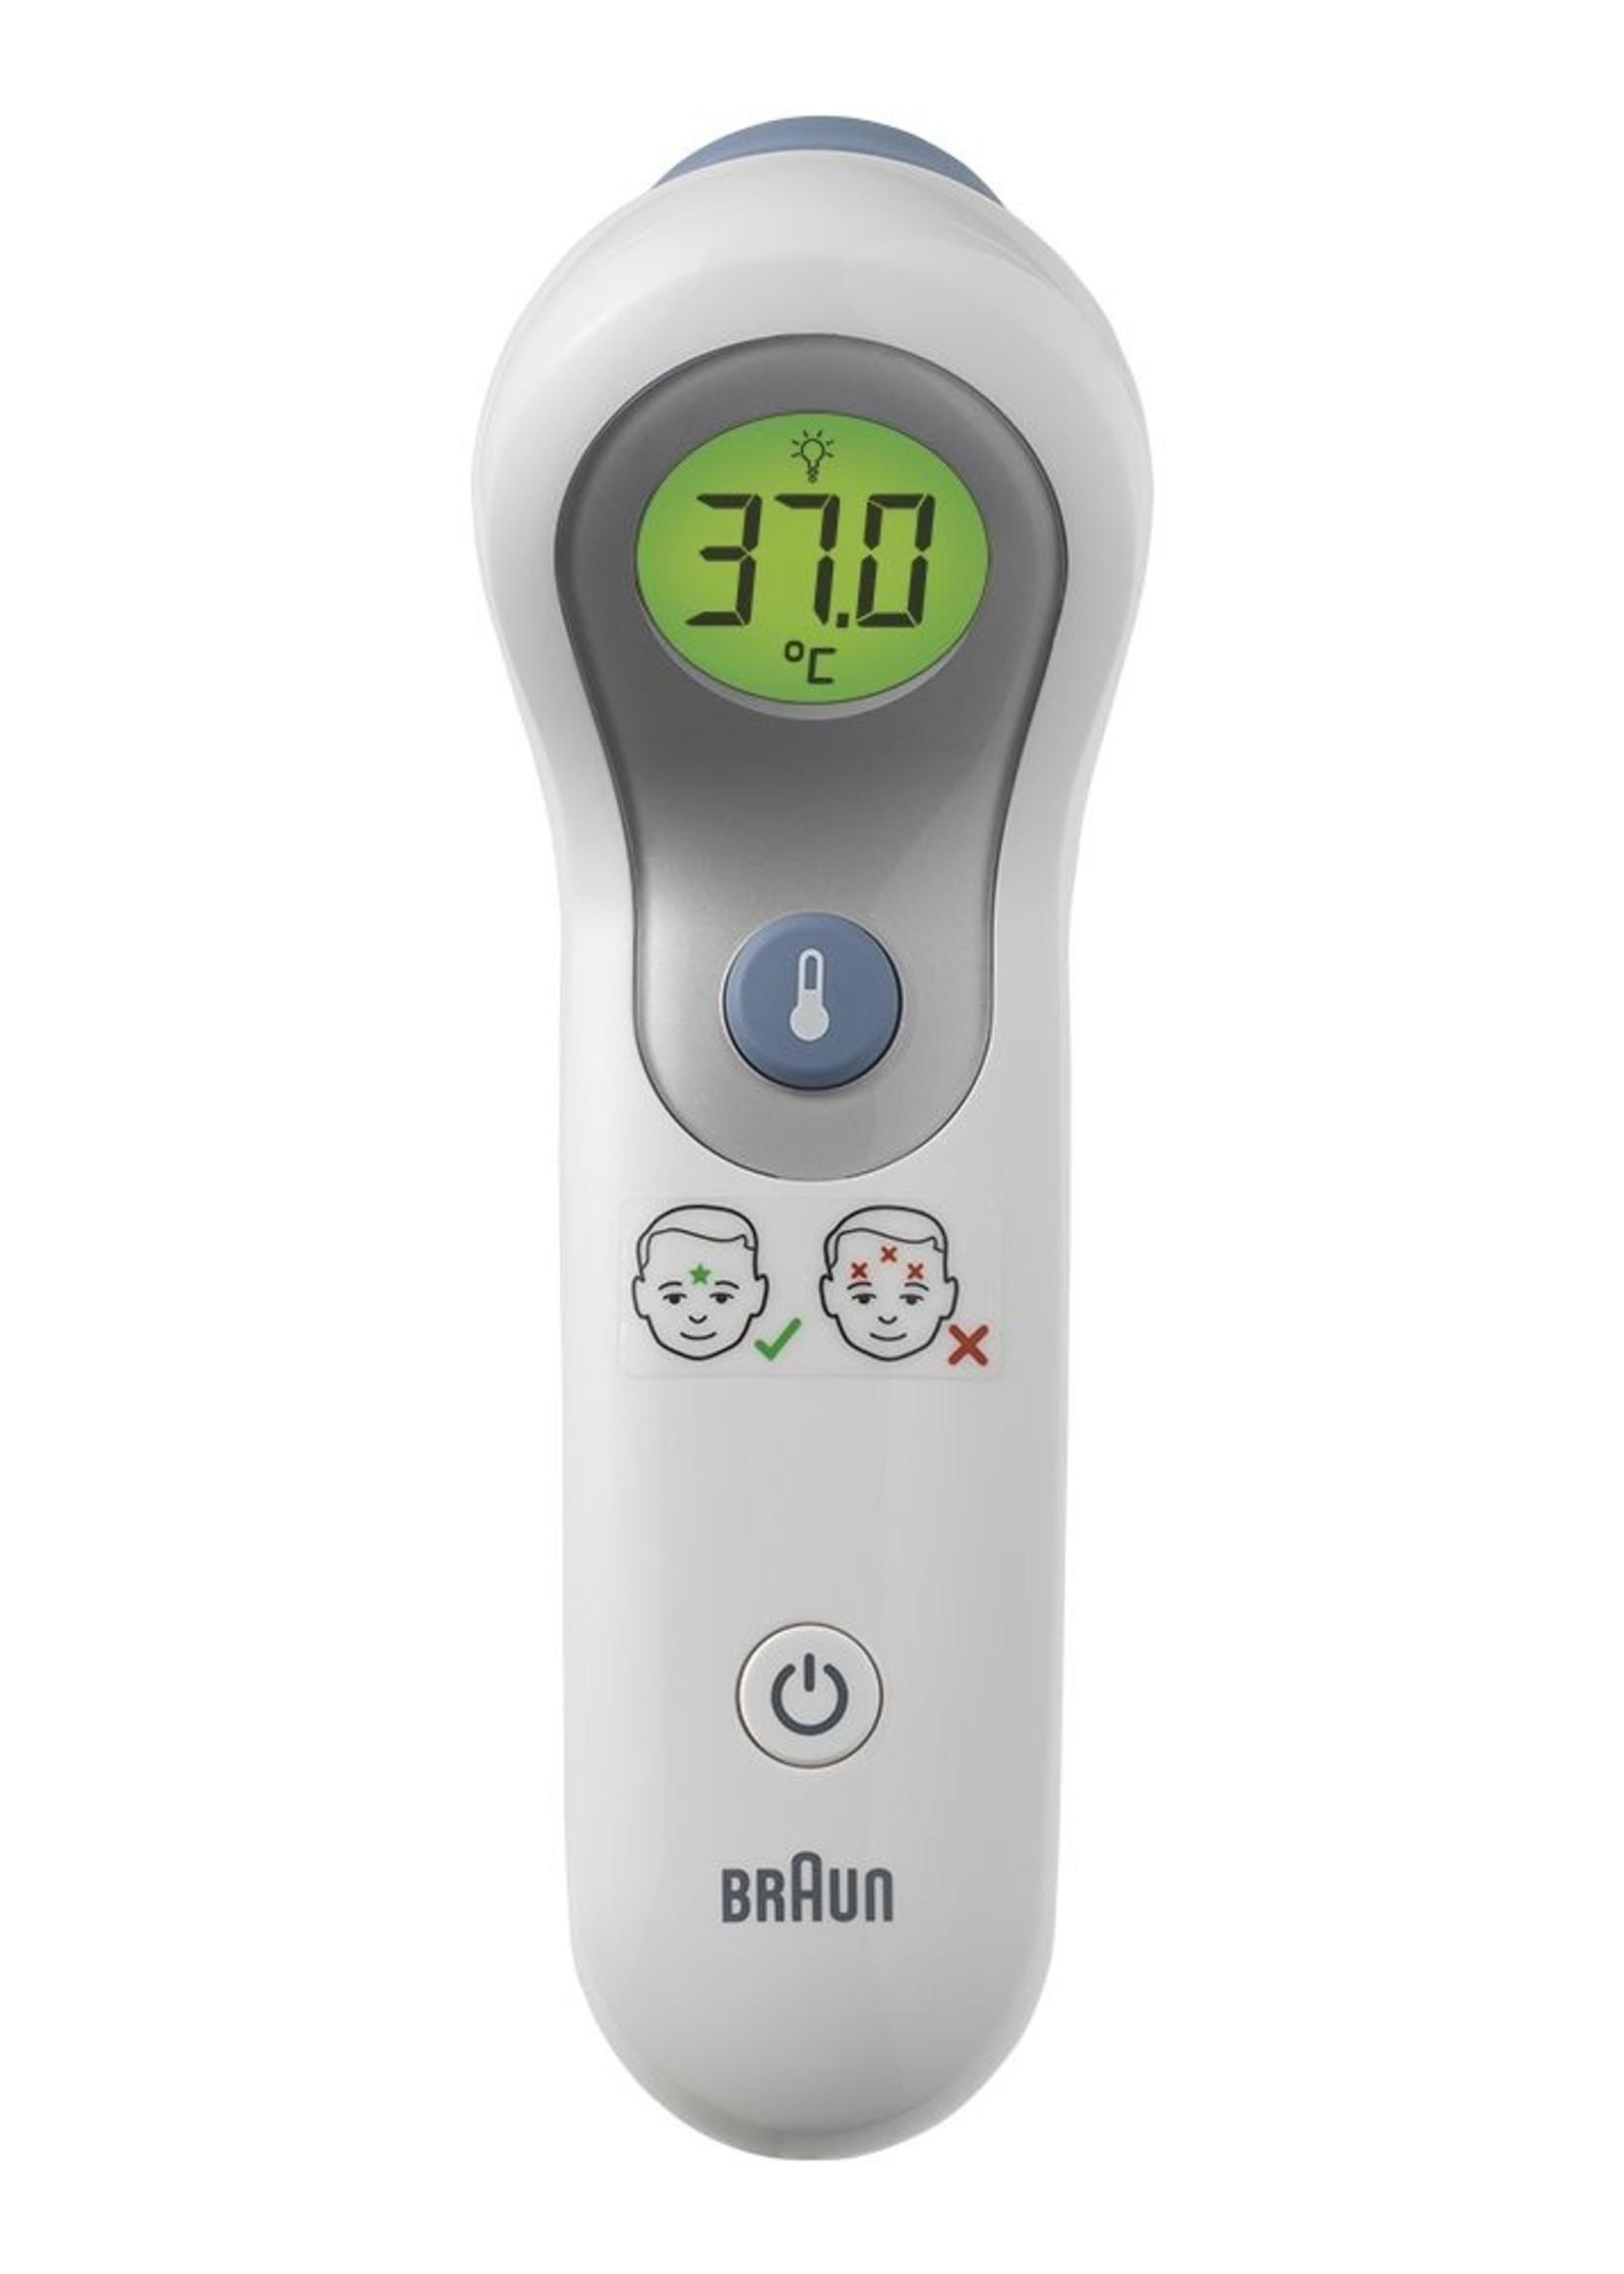 Braun Braun Contactloos + contact voorhoofdthermometer